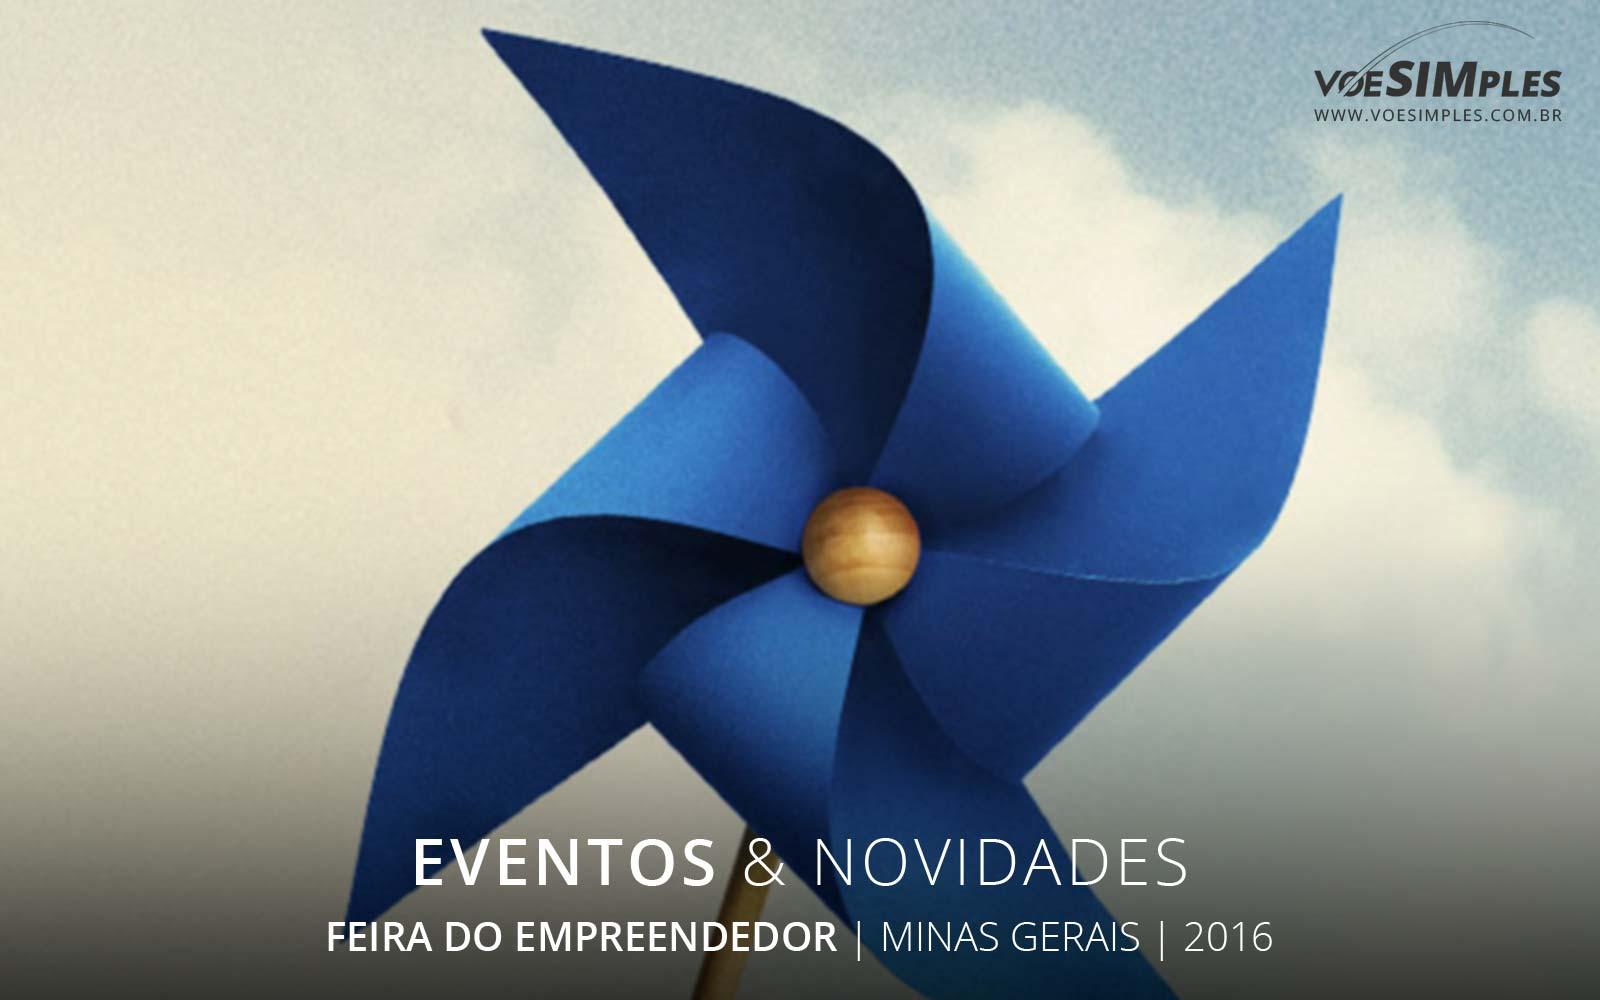 feira-empreendedor-brasil-2016-voesimples-passagens-aereas-promocionais-empreendedor-passagens-promo-empreendedor-2016